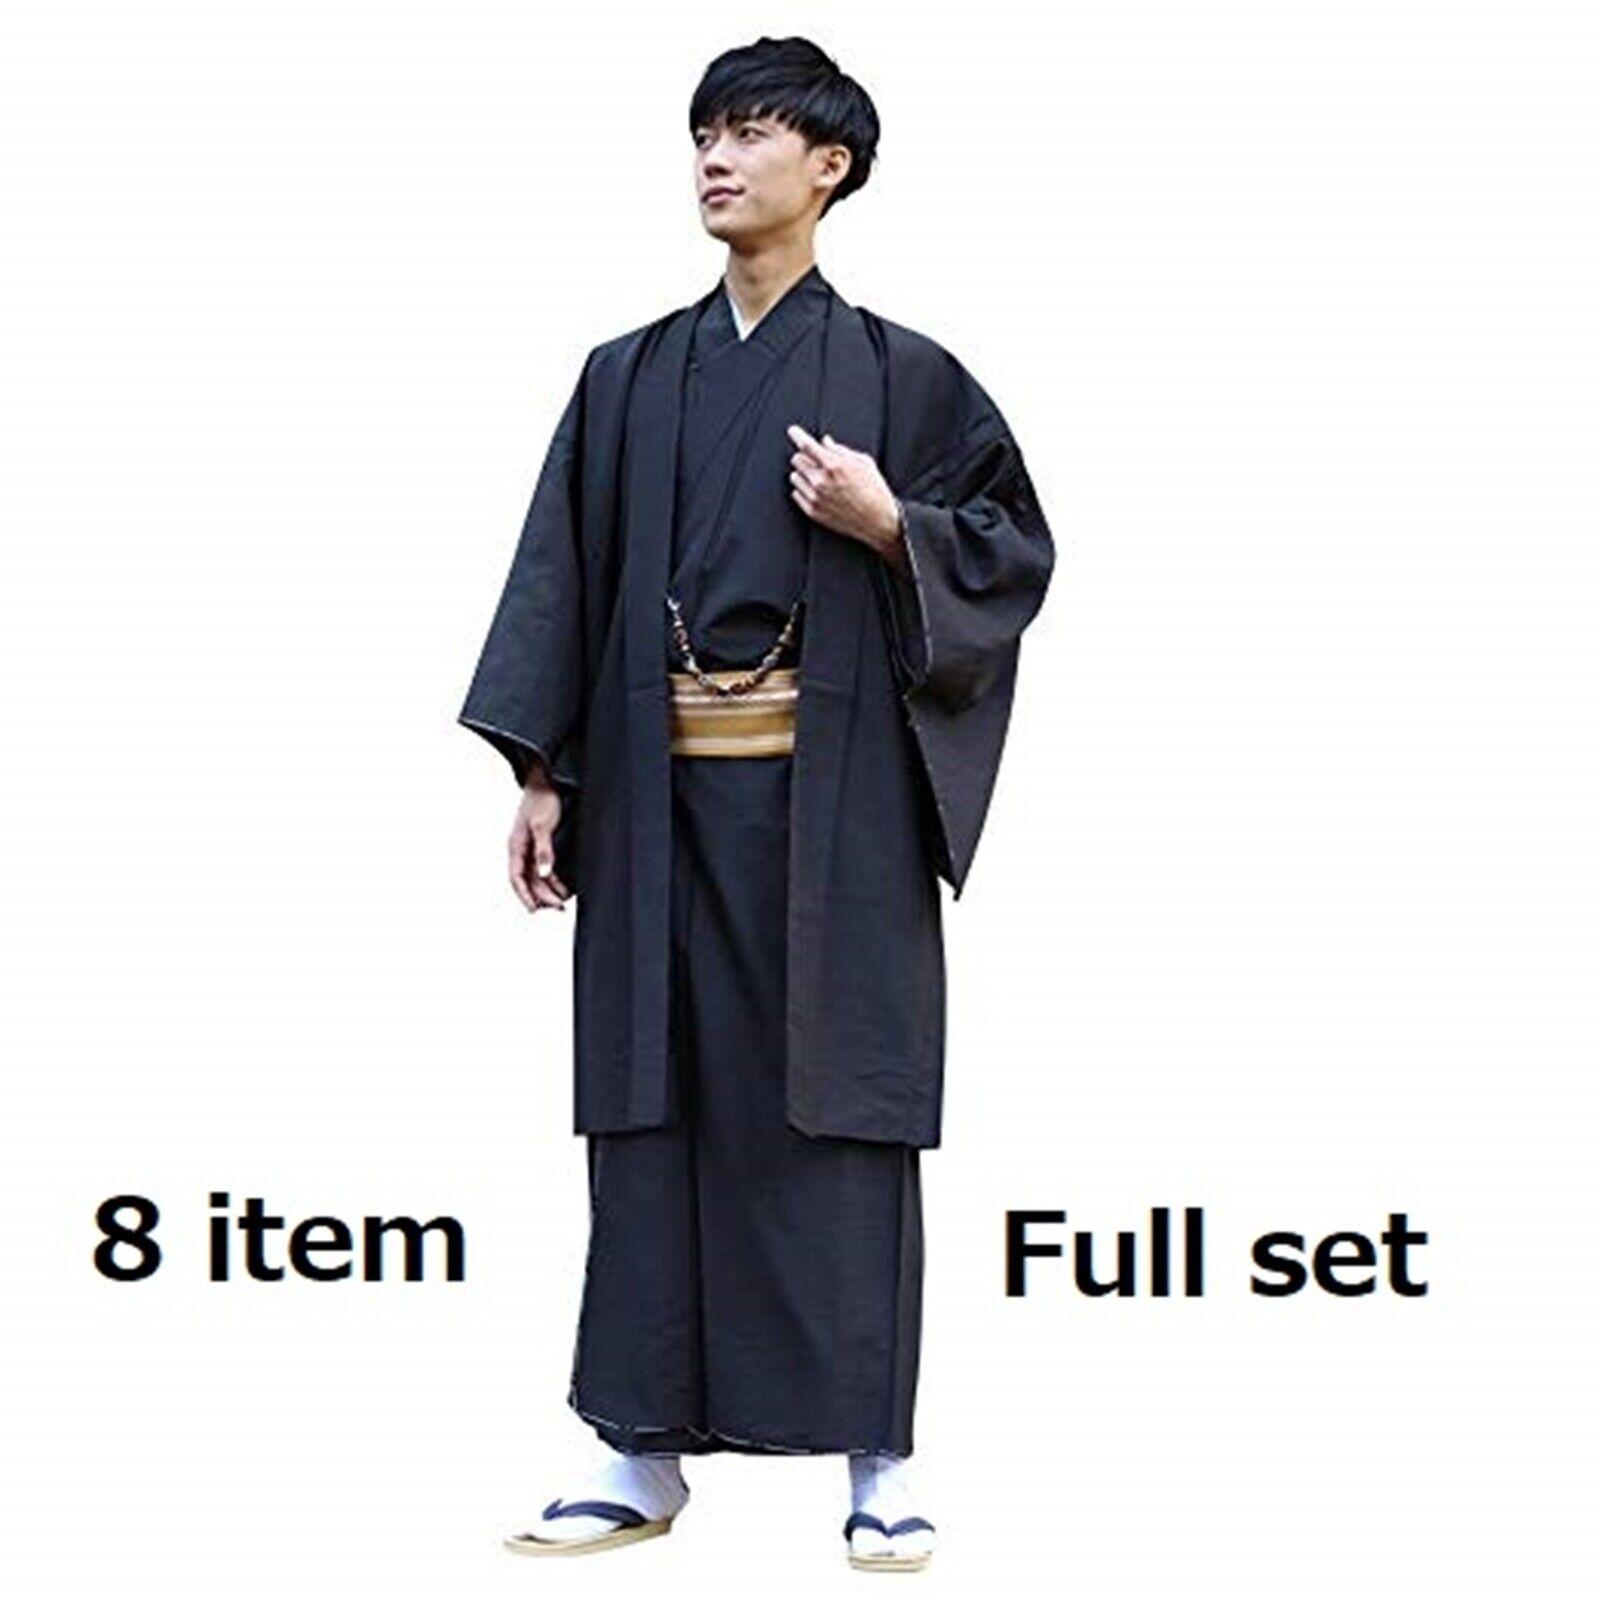 Japanese Mens Kimono Washable polyester black Beginner Full set 8 item